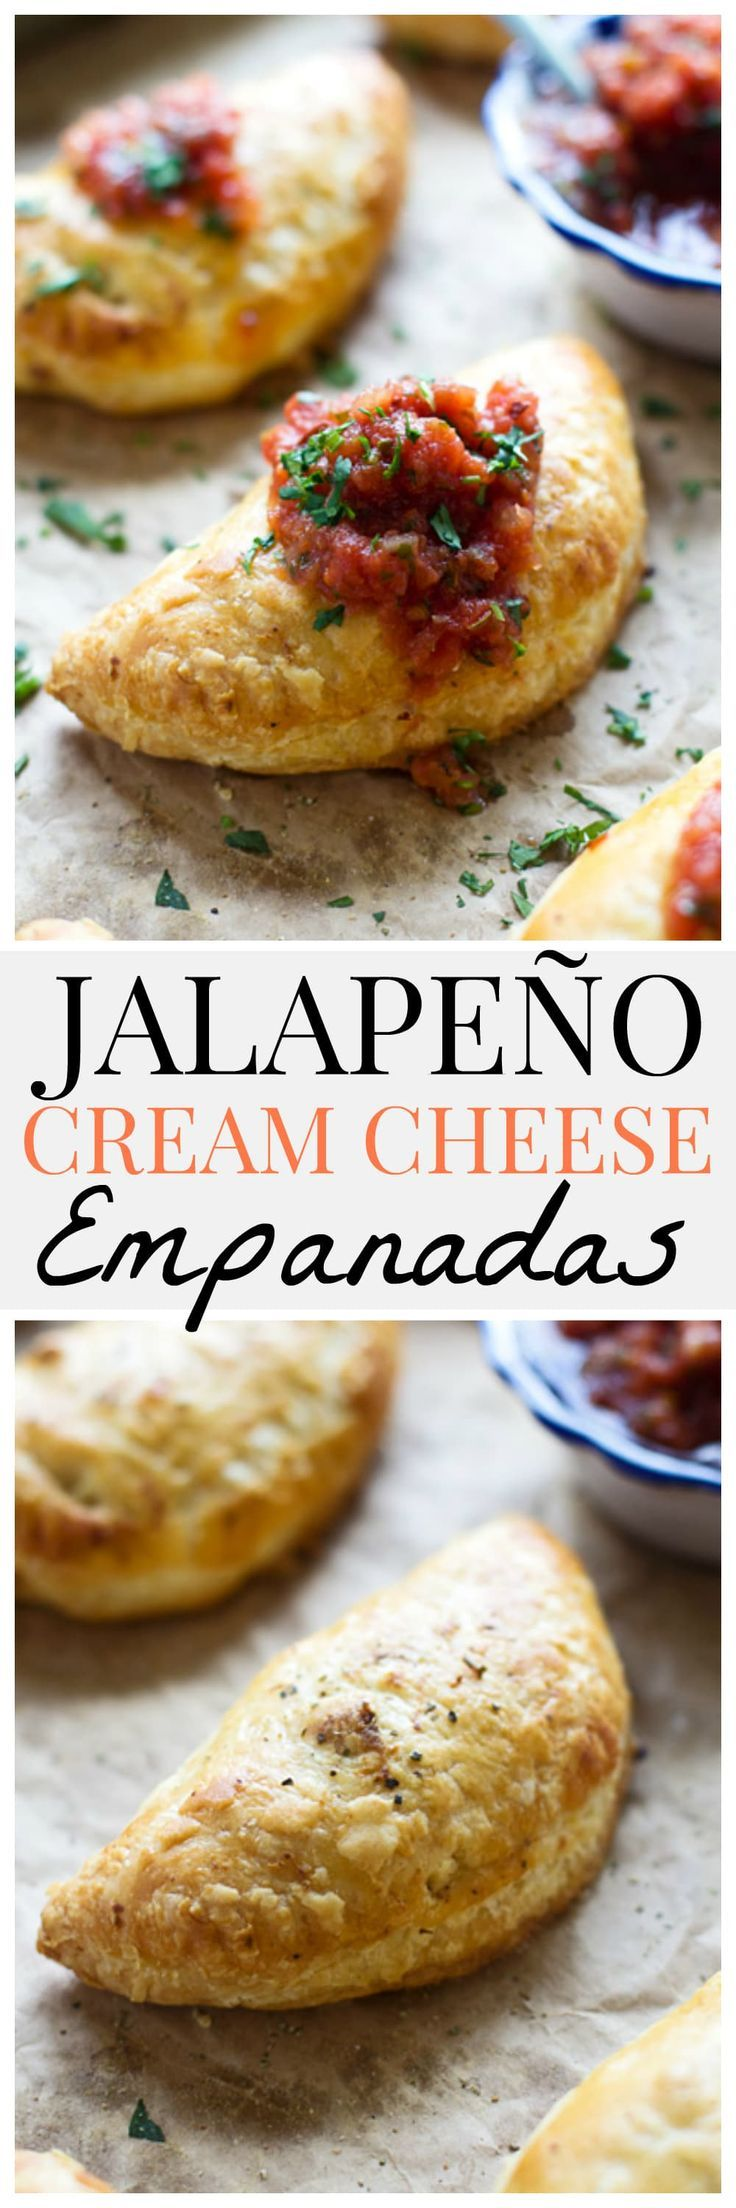 Creamy Jalapeño Chicken Empanadas